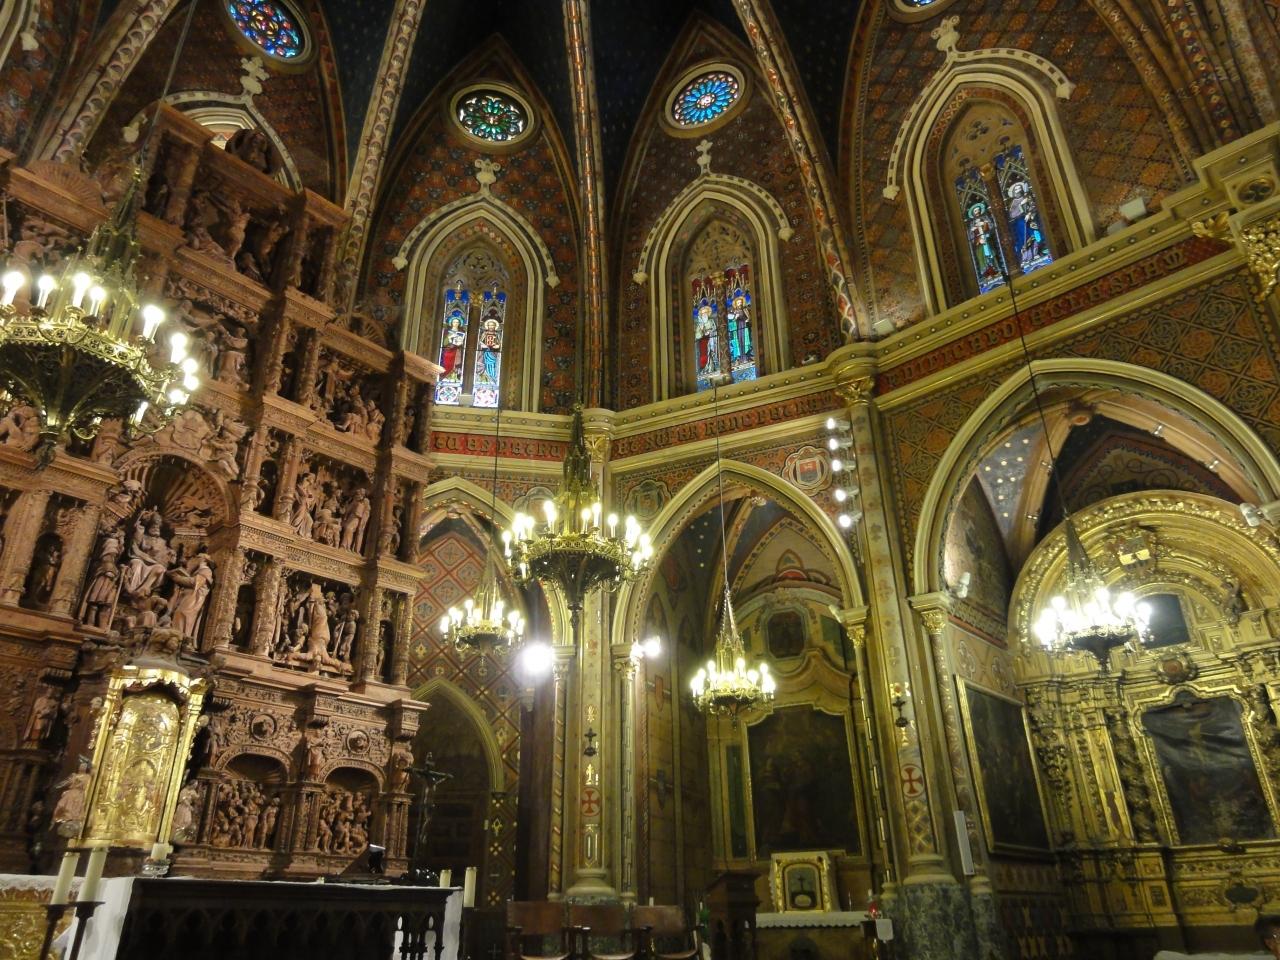 アラゴン州のムデハル様式建造物Mudejar Architecture of Aragon